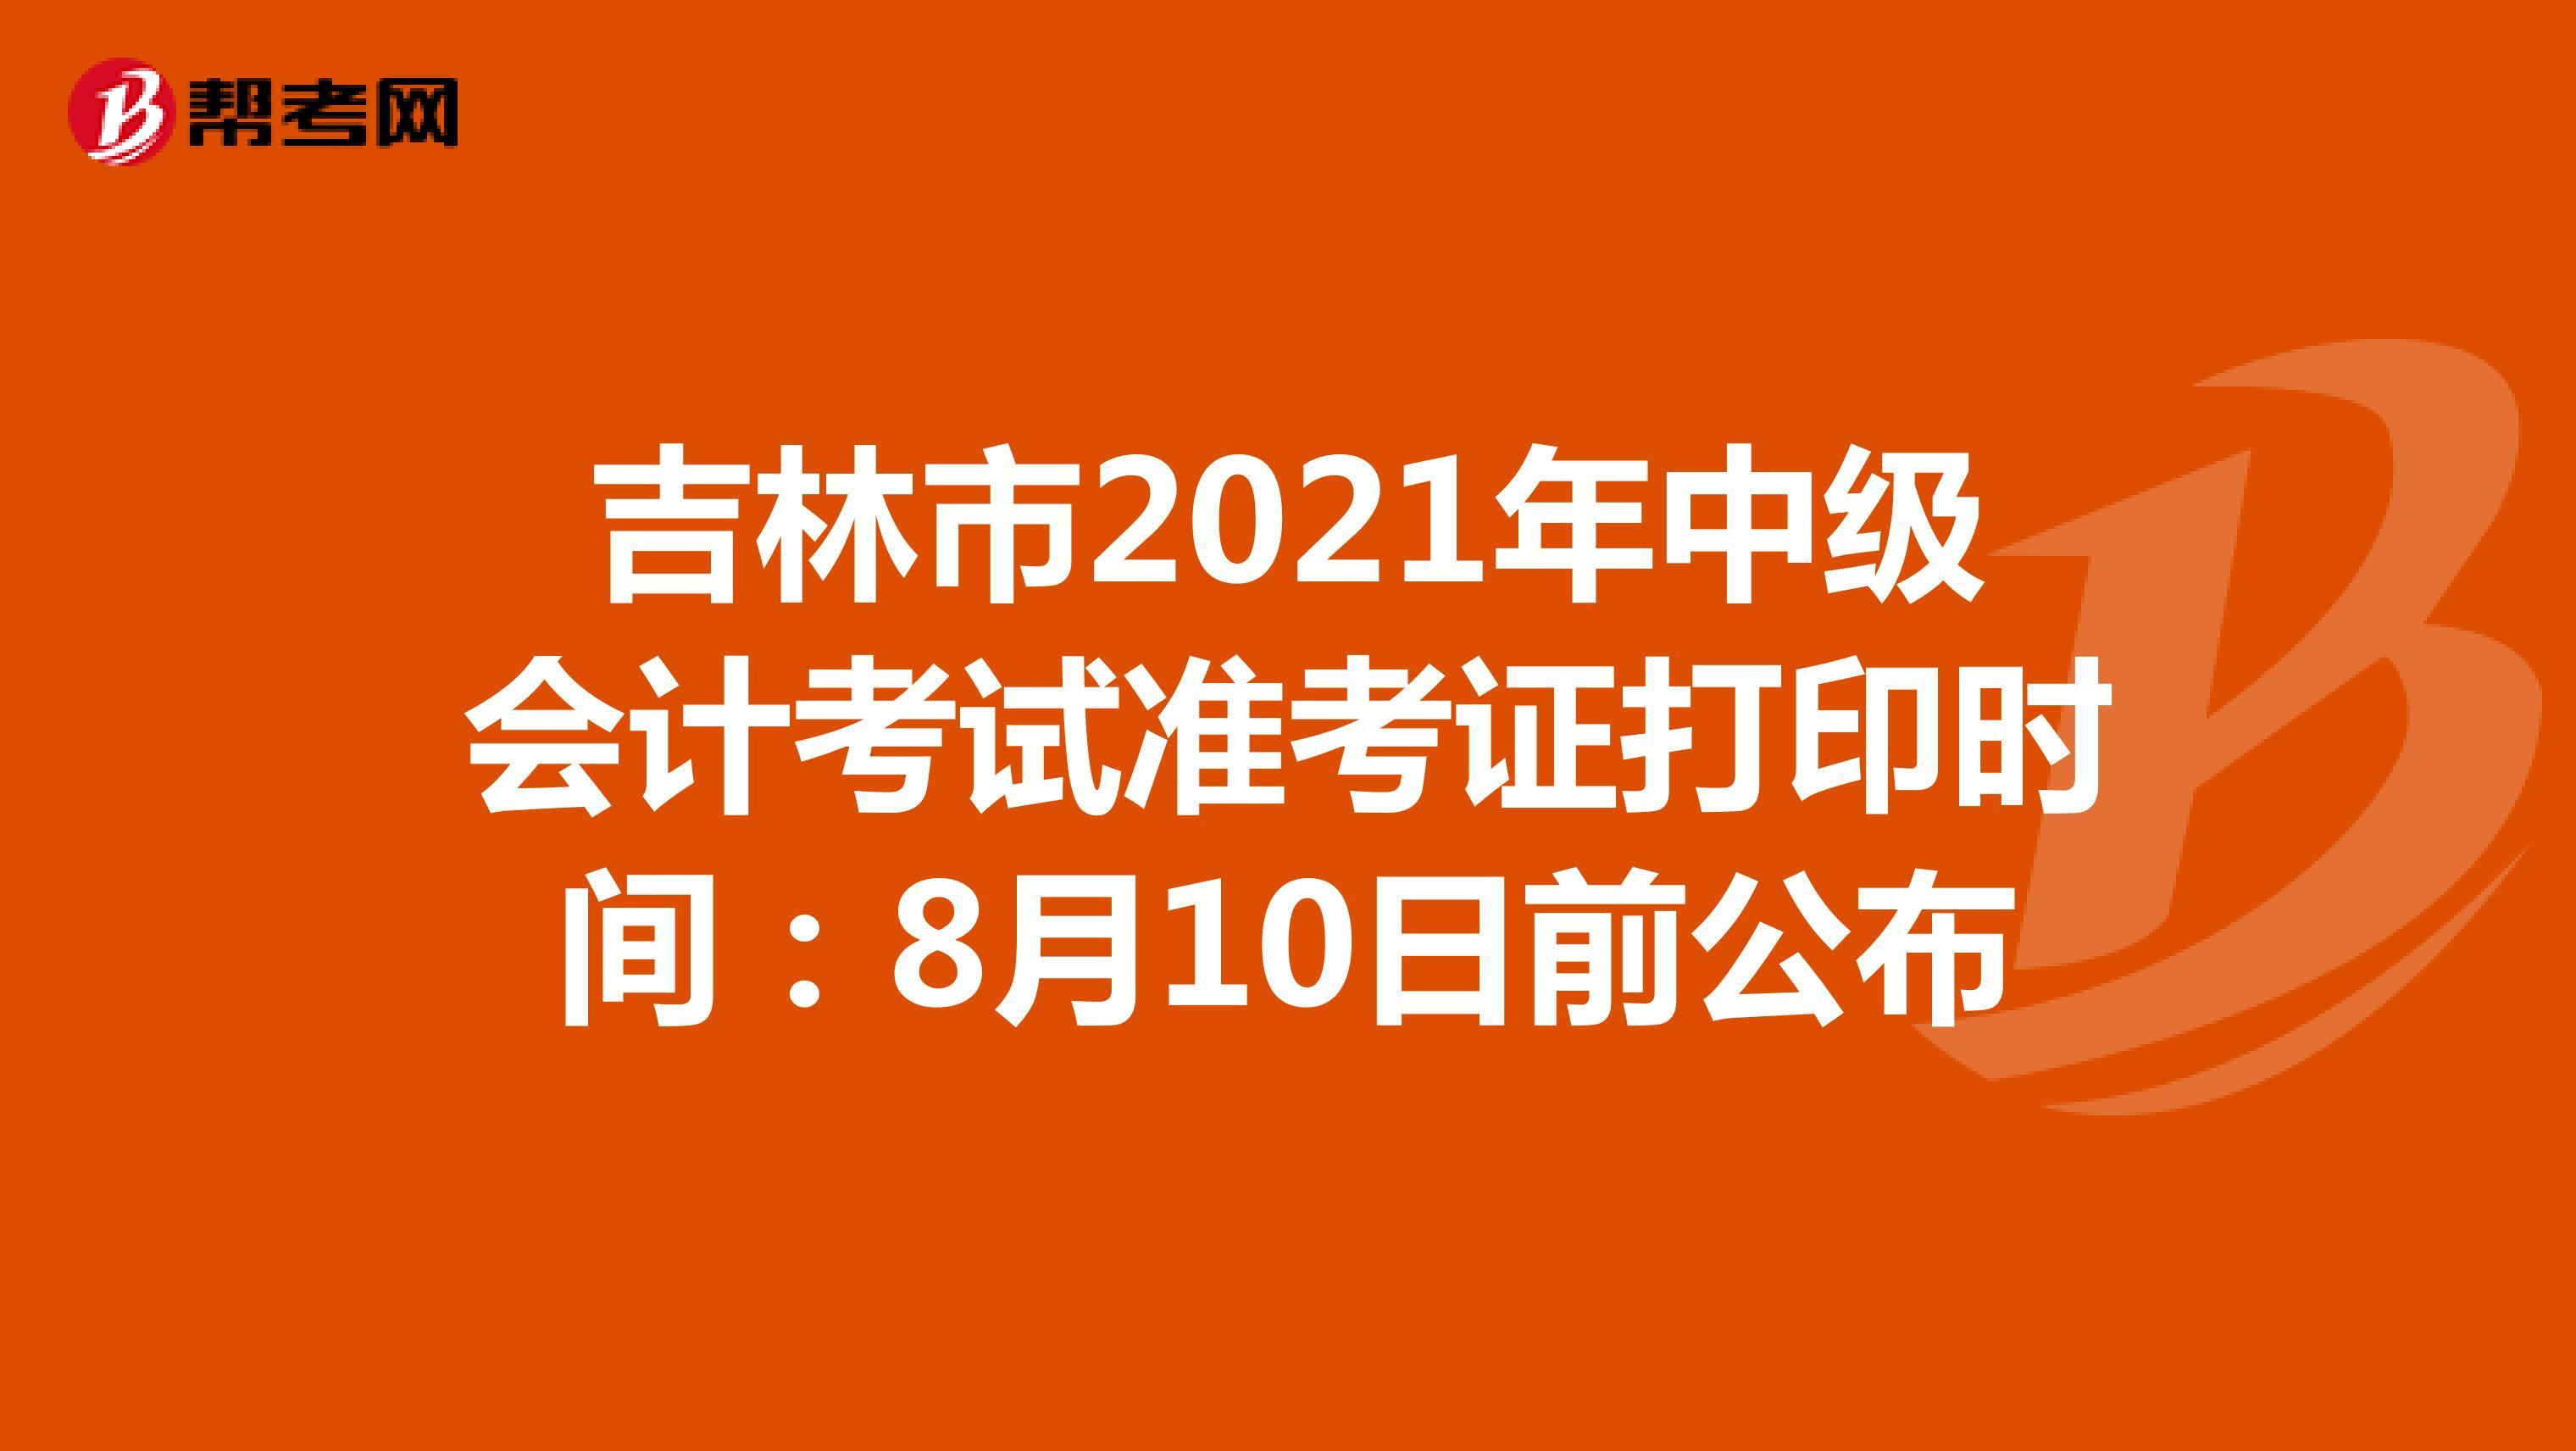 吉林省2021年中级会计考试准考证打印时间:8月10日前公布